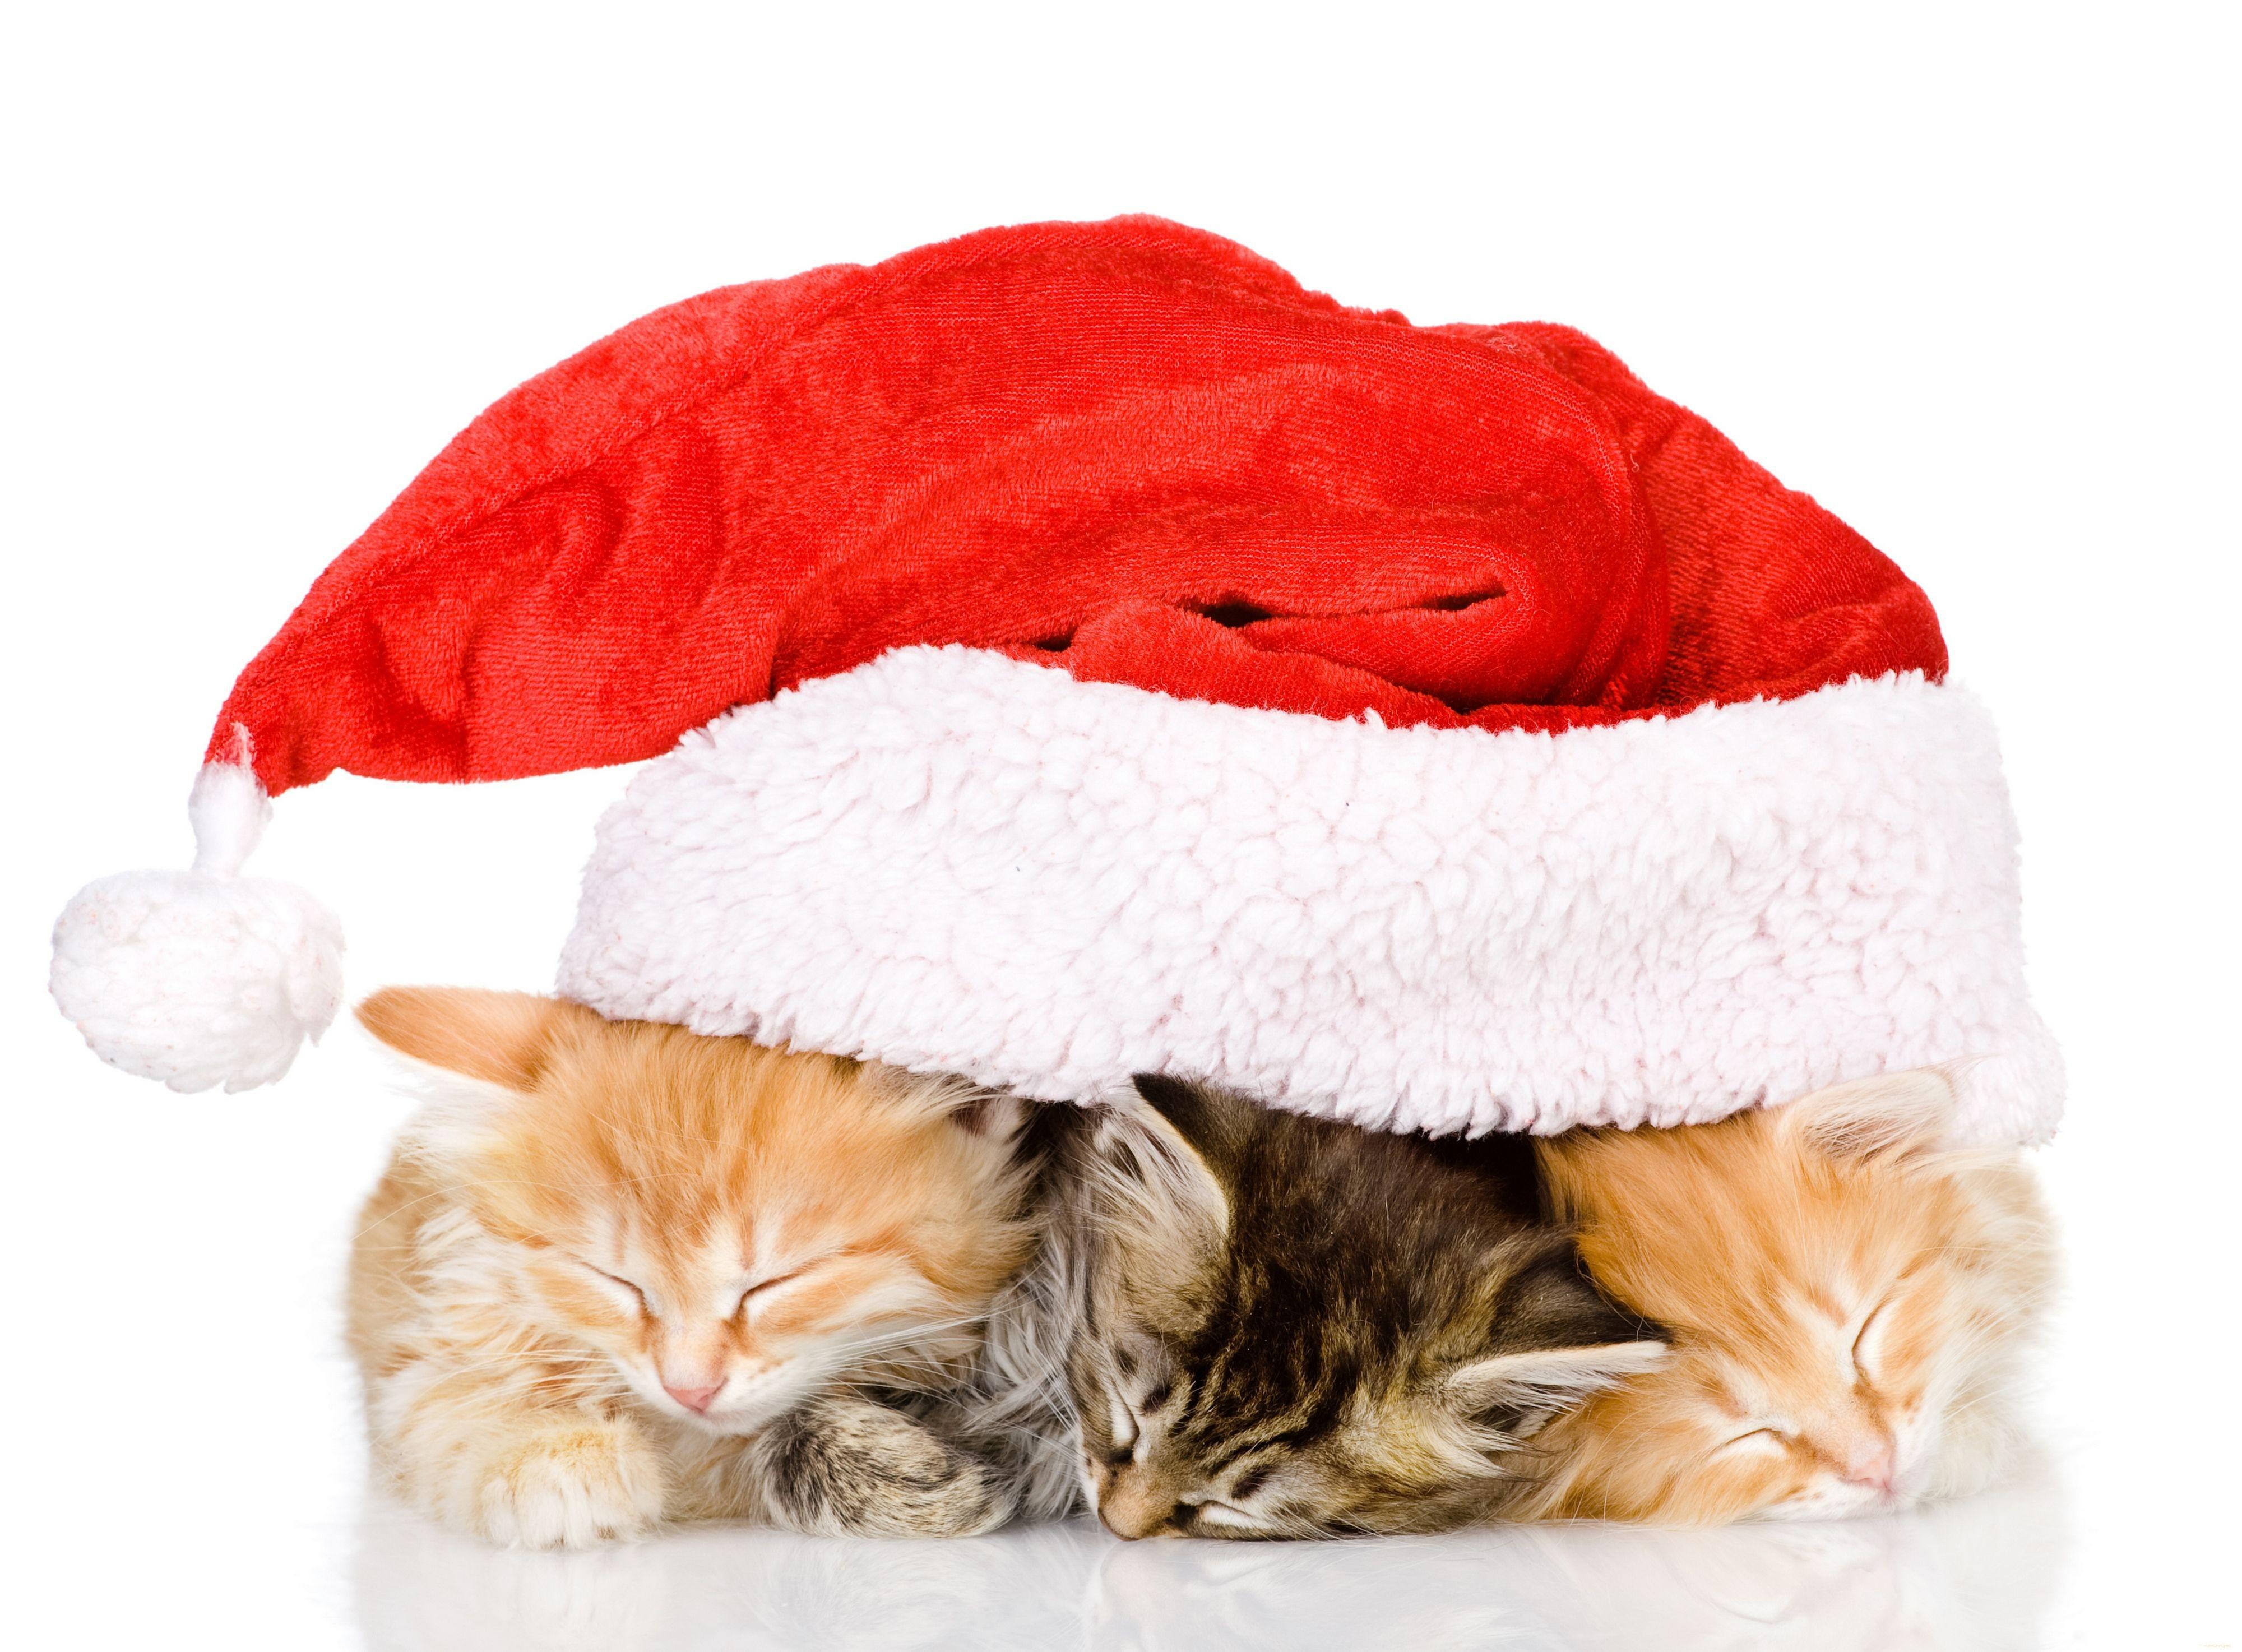 Кот под шапкой  № 3059191 бесплатно